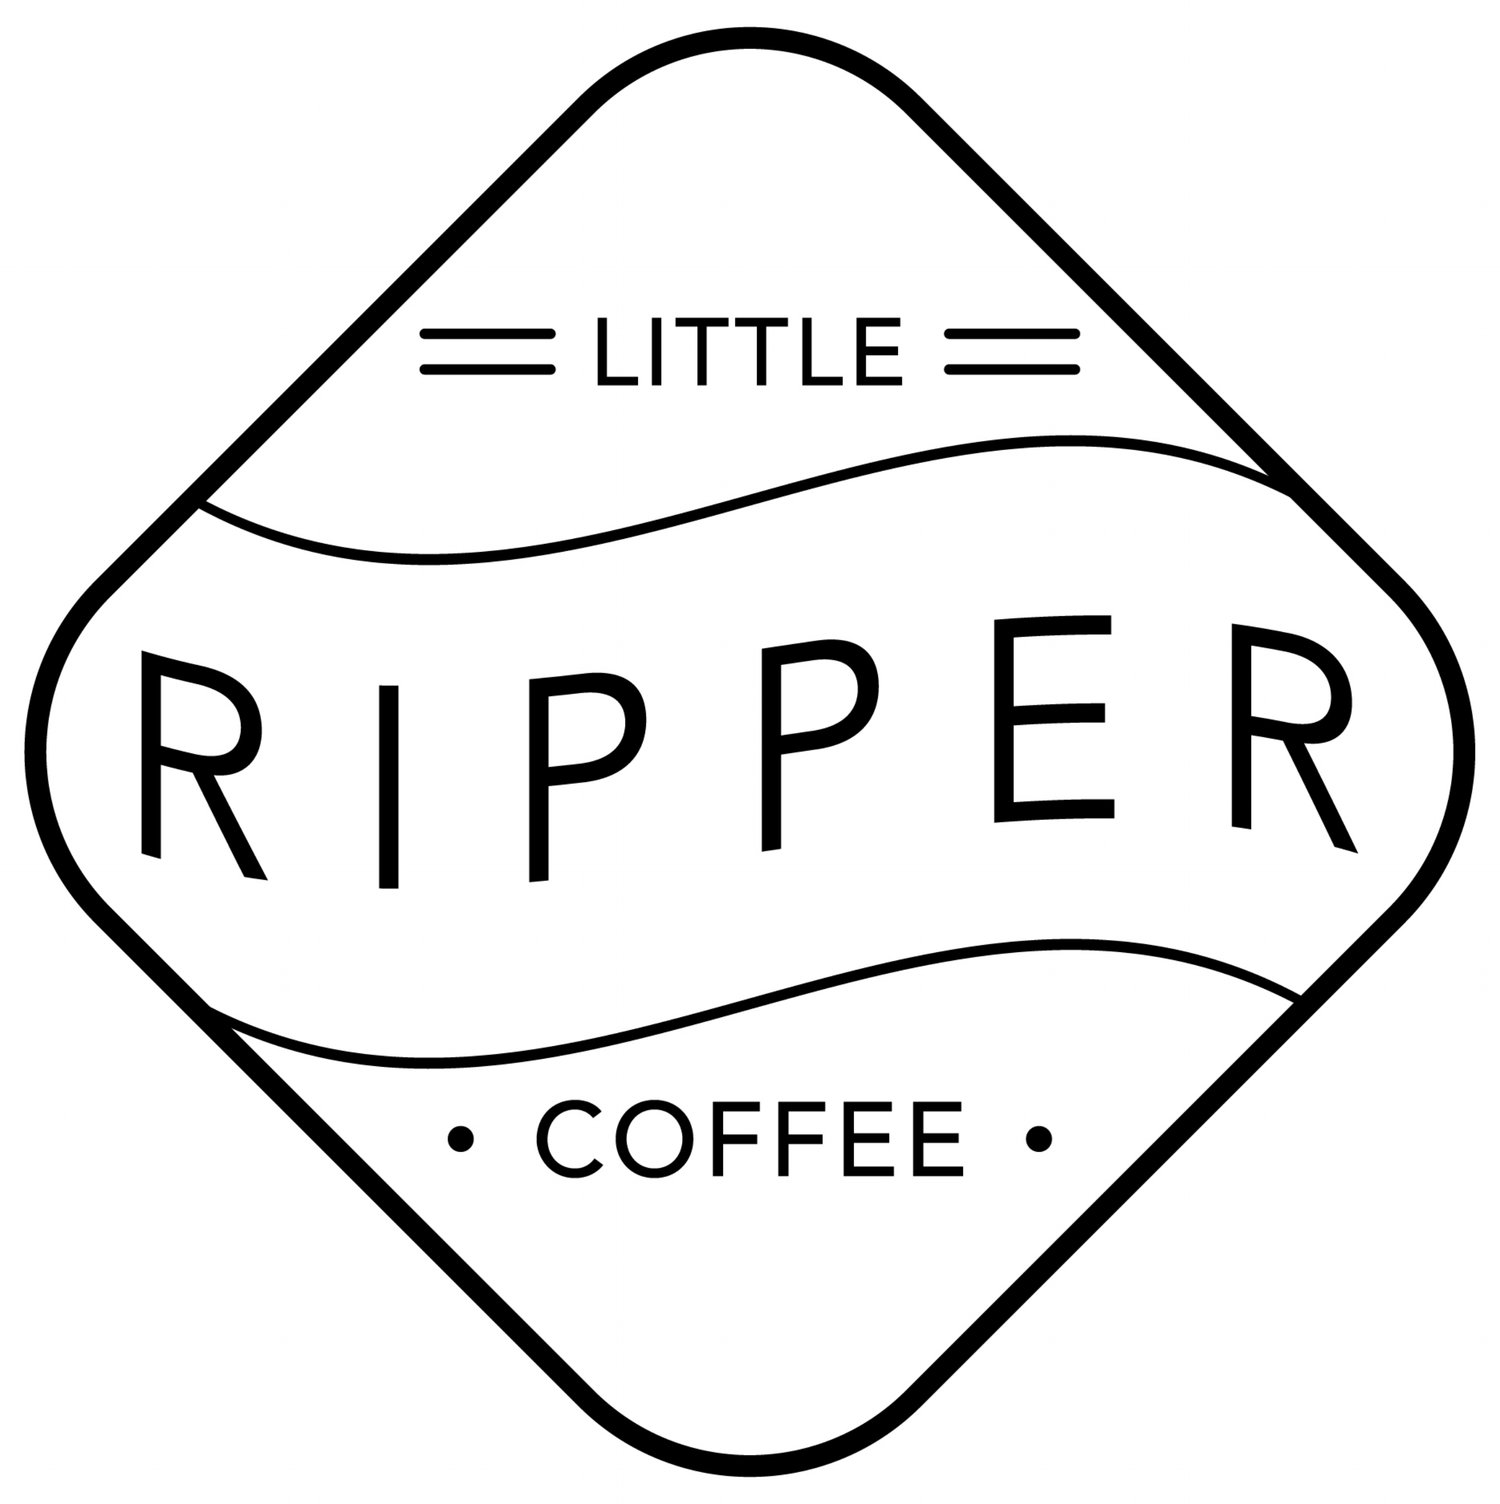 Little Ripper Coffee